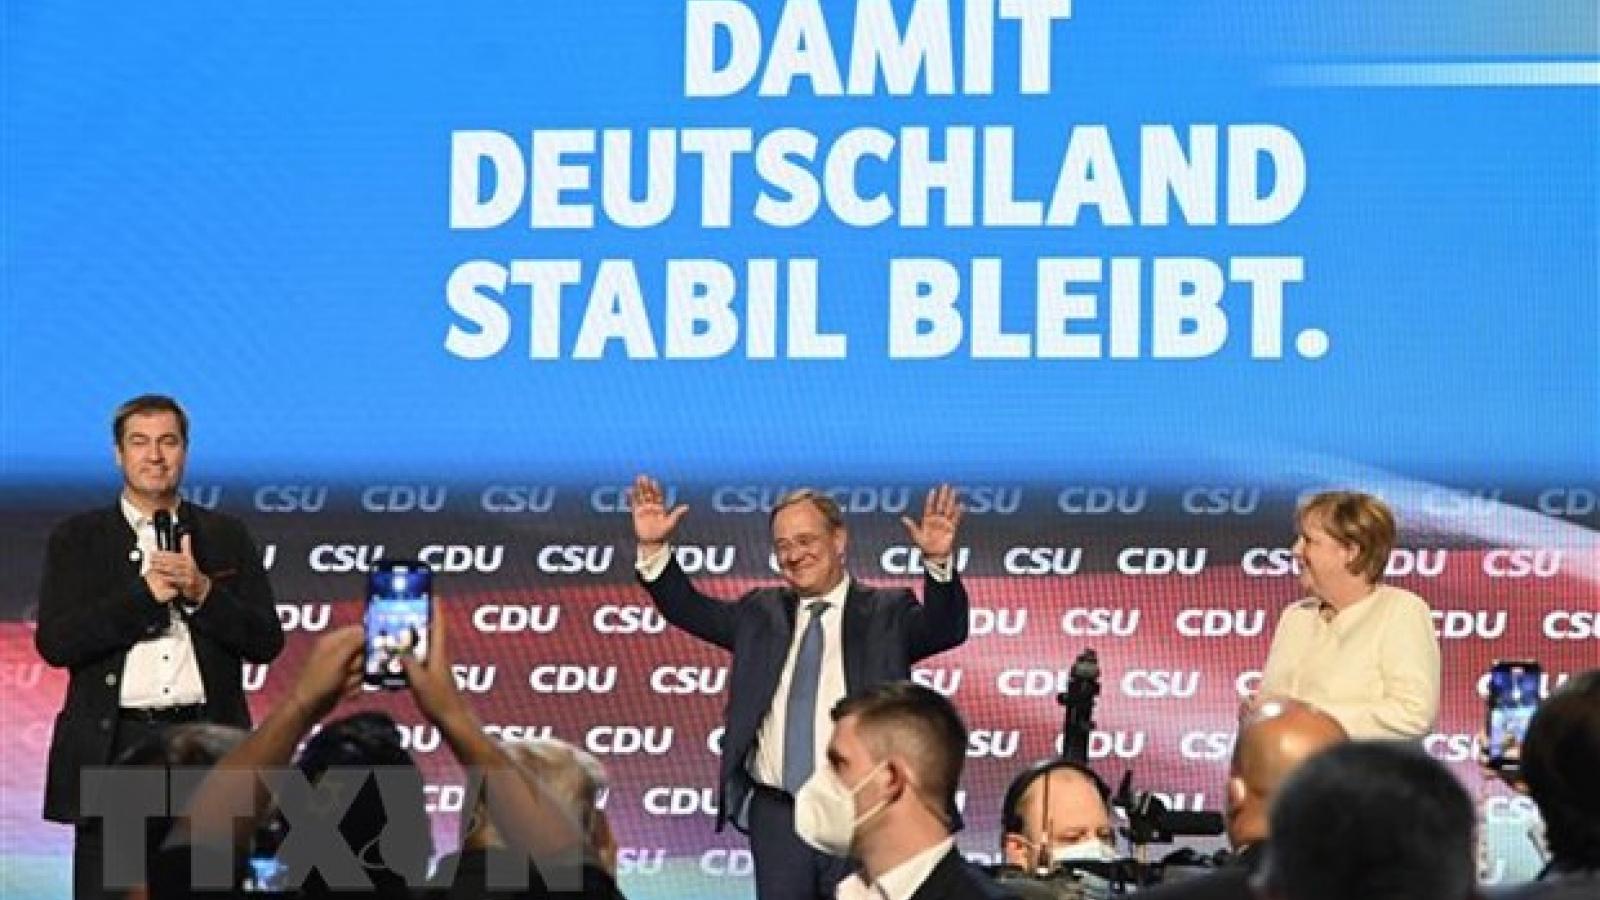 Bầu cử Đức: Cả SPD và CDU đều tự tin chiến thắng